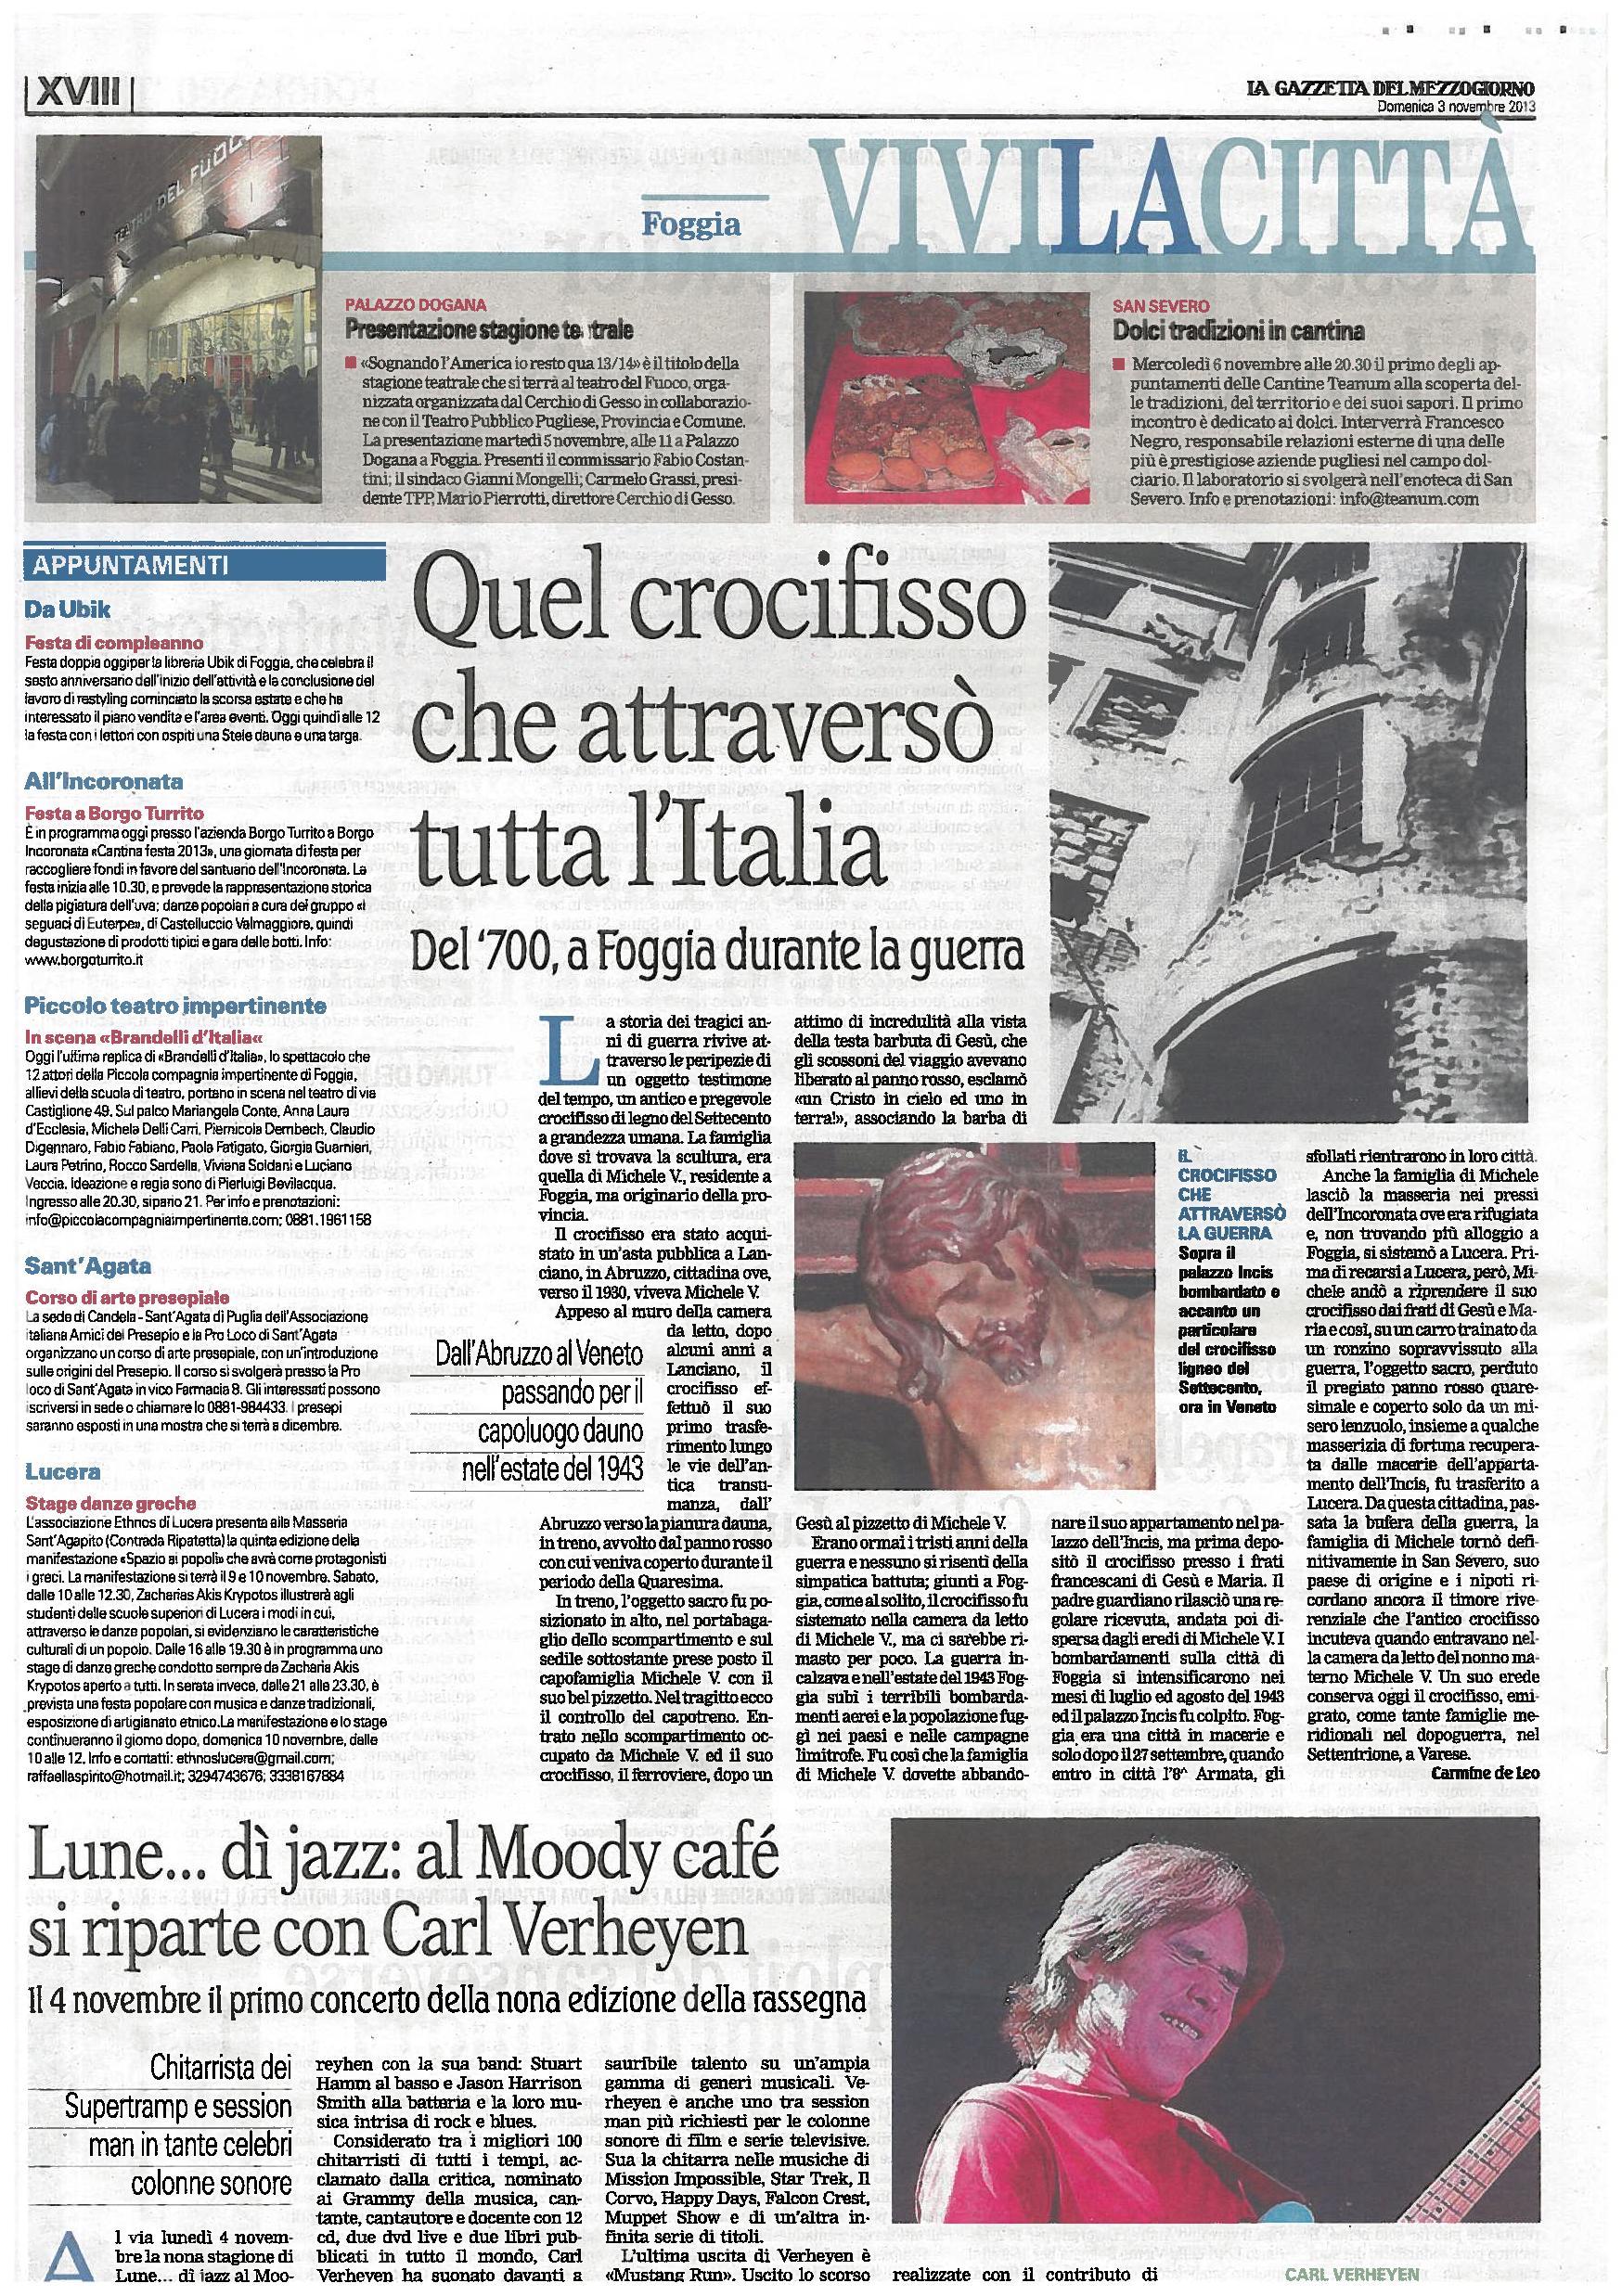 Crocifisso di guerra-3-11-2013 (1).PDF-page-001